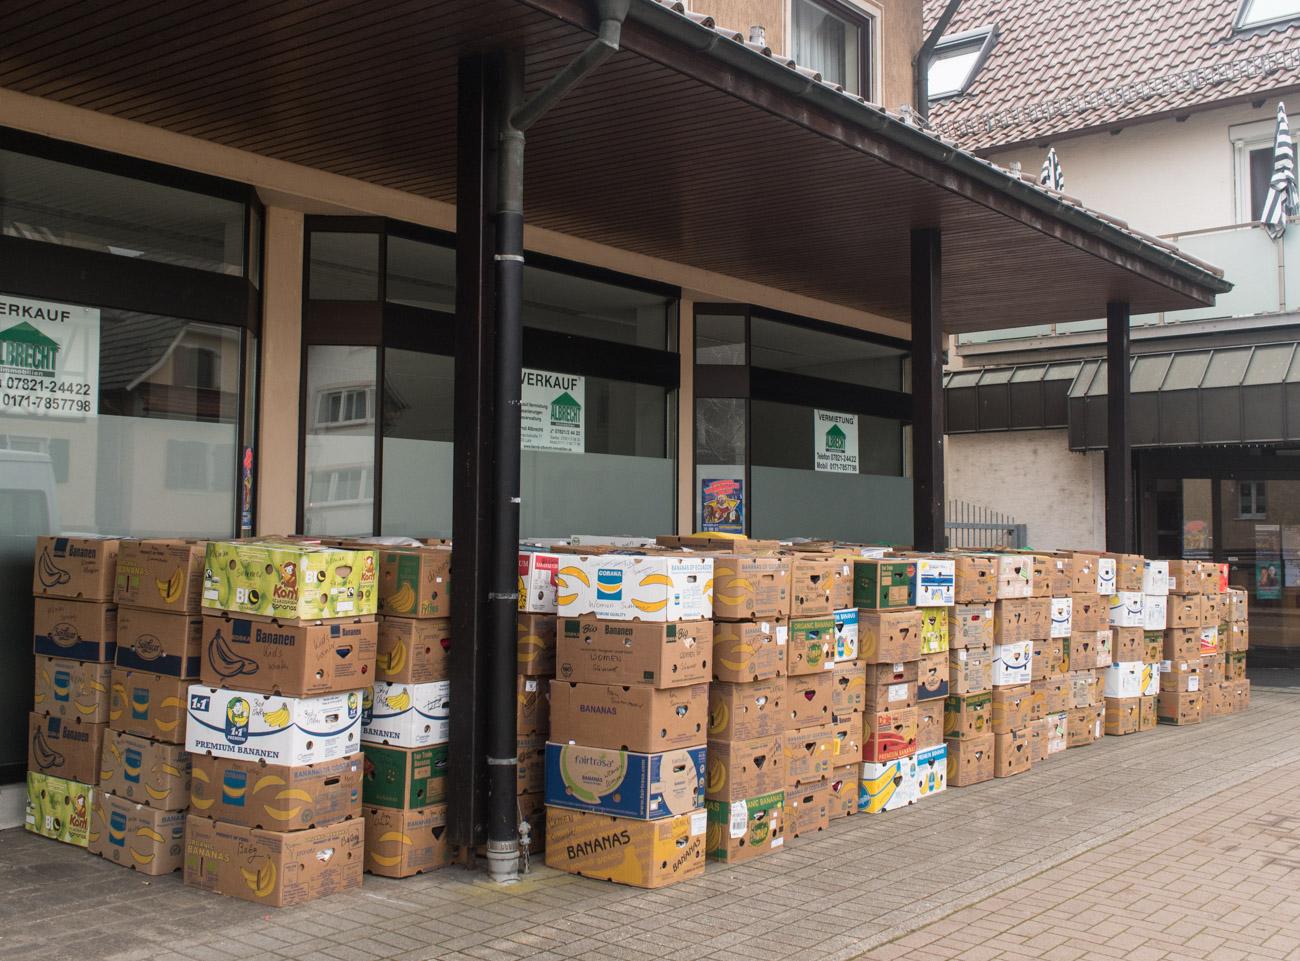 Die knapp 400 Kartons warten auf den Transport!